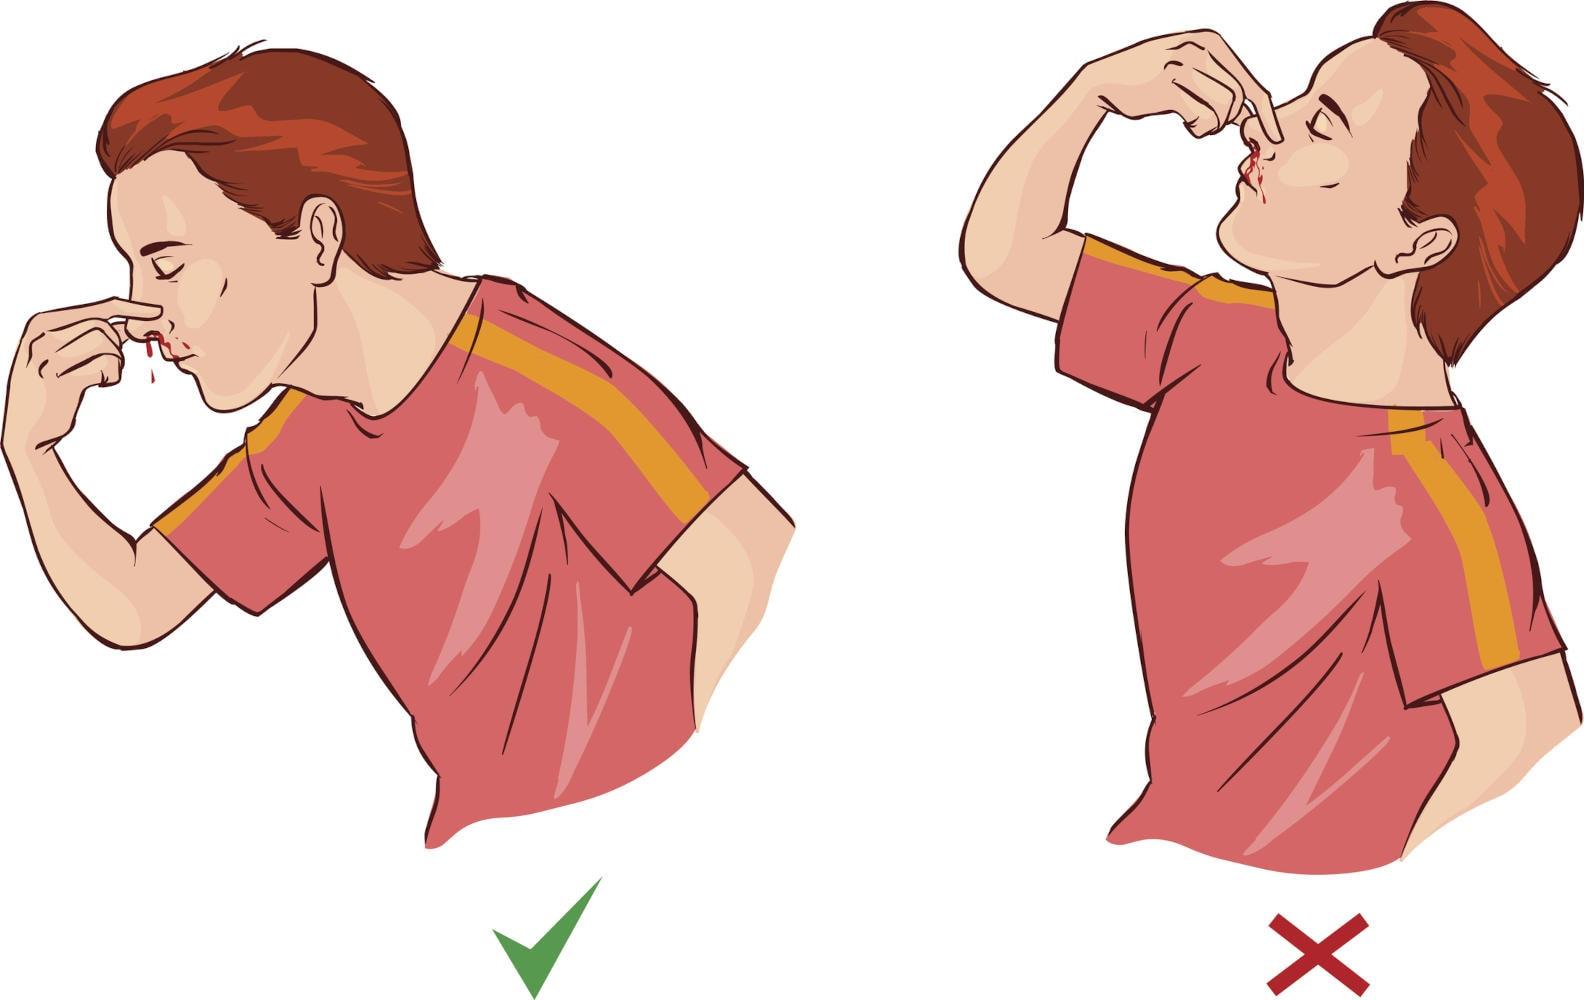 Immagine che mostra come sia importante piegare la testa in avanti e non indietro in caso di epistassi